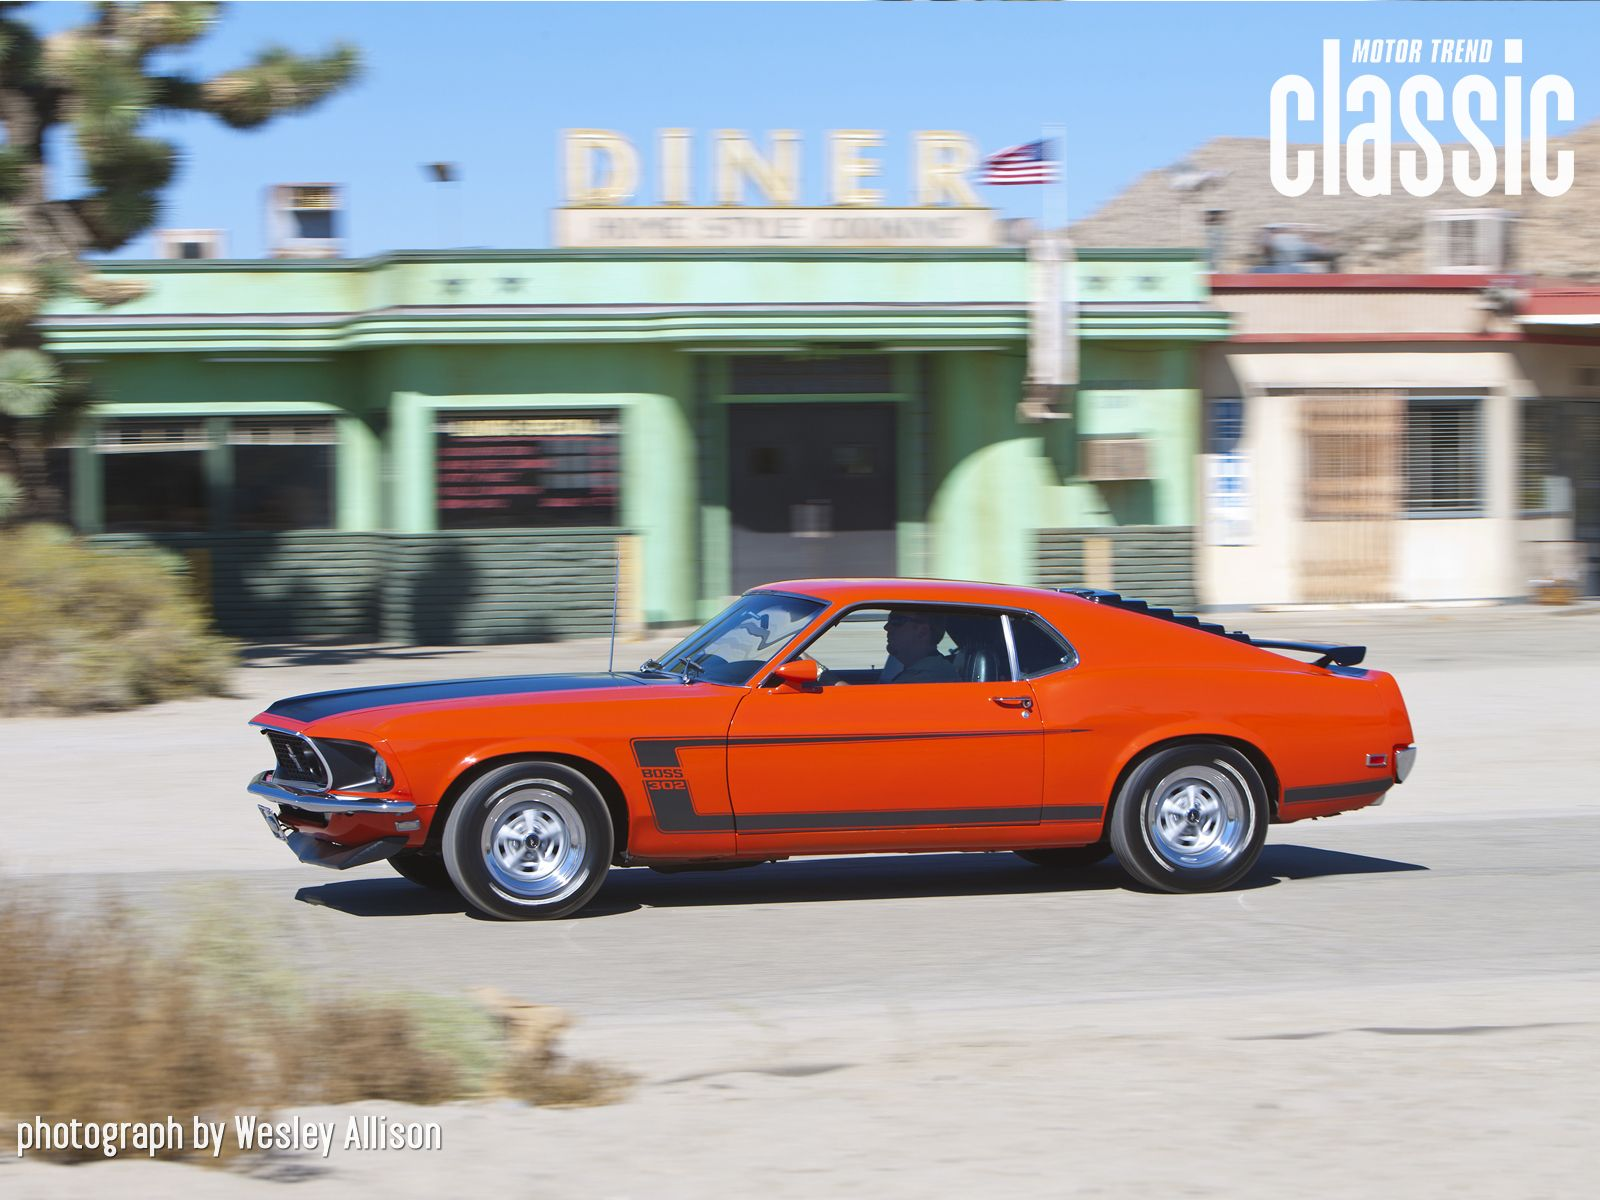 1969 Ford Mustang Boss 302 Wallpaper Gallery Motor Trend Classic Mustang Boss 302 Ford Mustang Boss Ford Mustang Boss 302